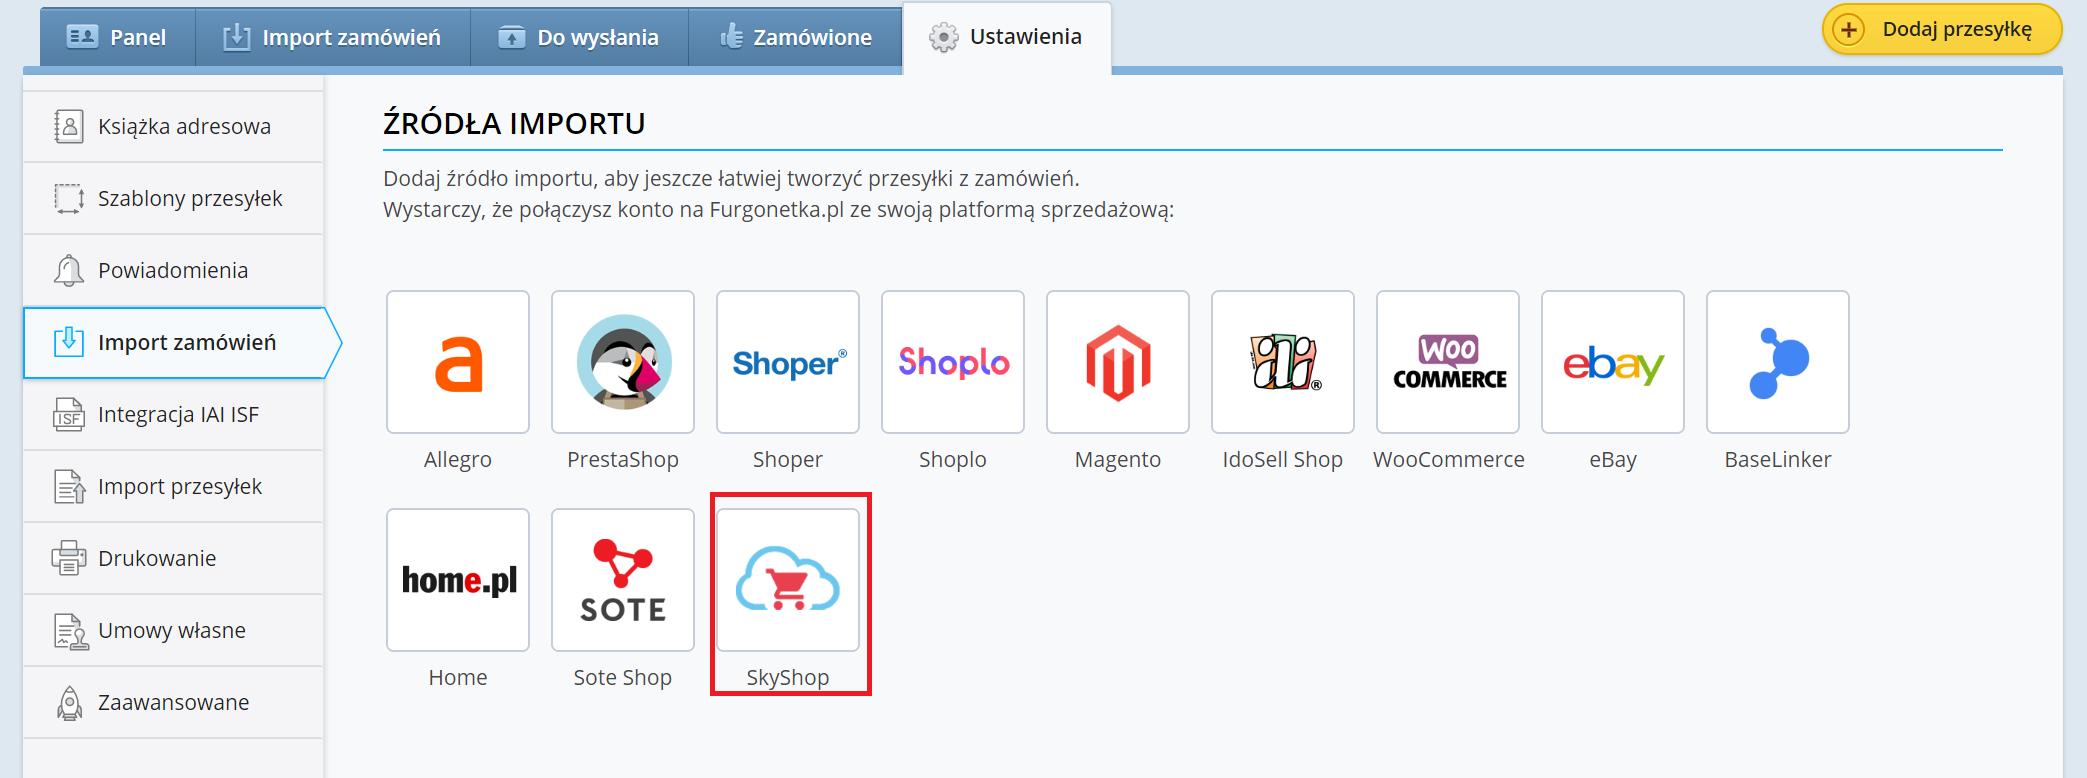 Jak dodać SkyShop jako nowe źródło sprzedaży na Furgonetka.pl